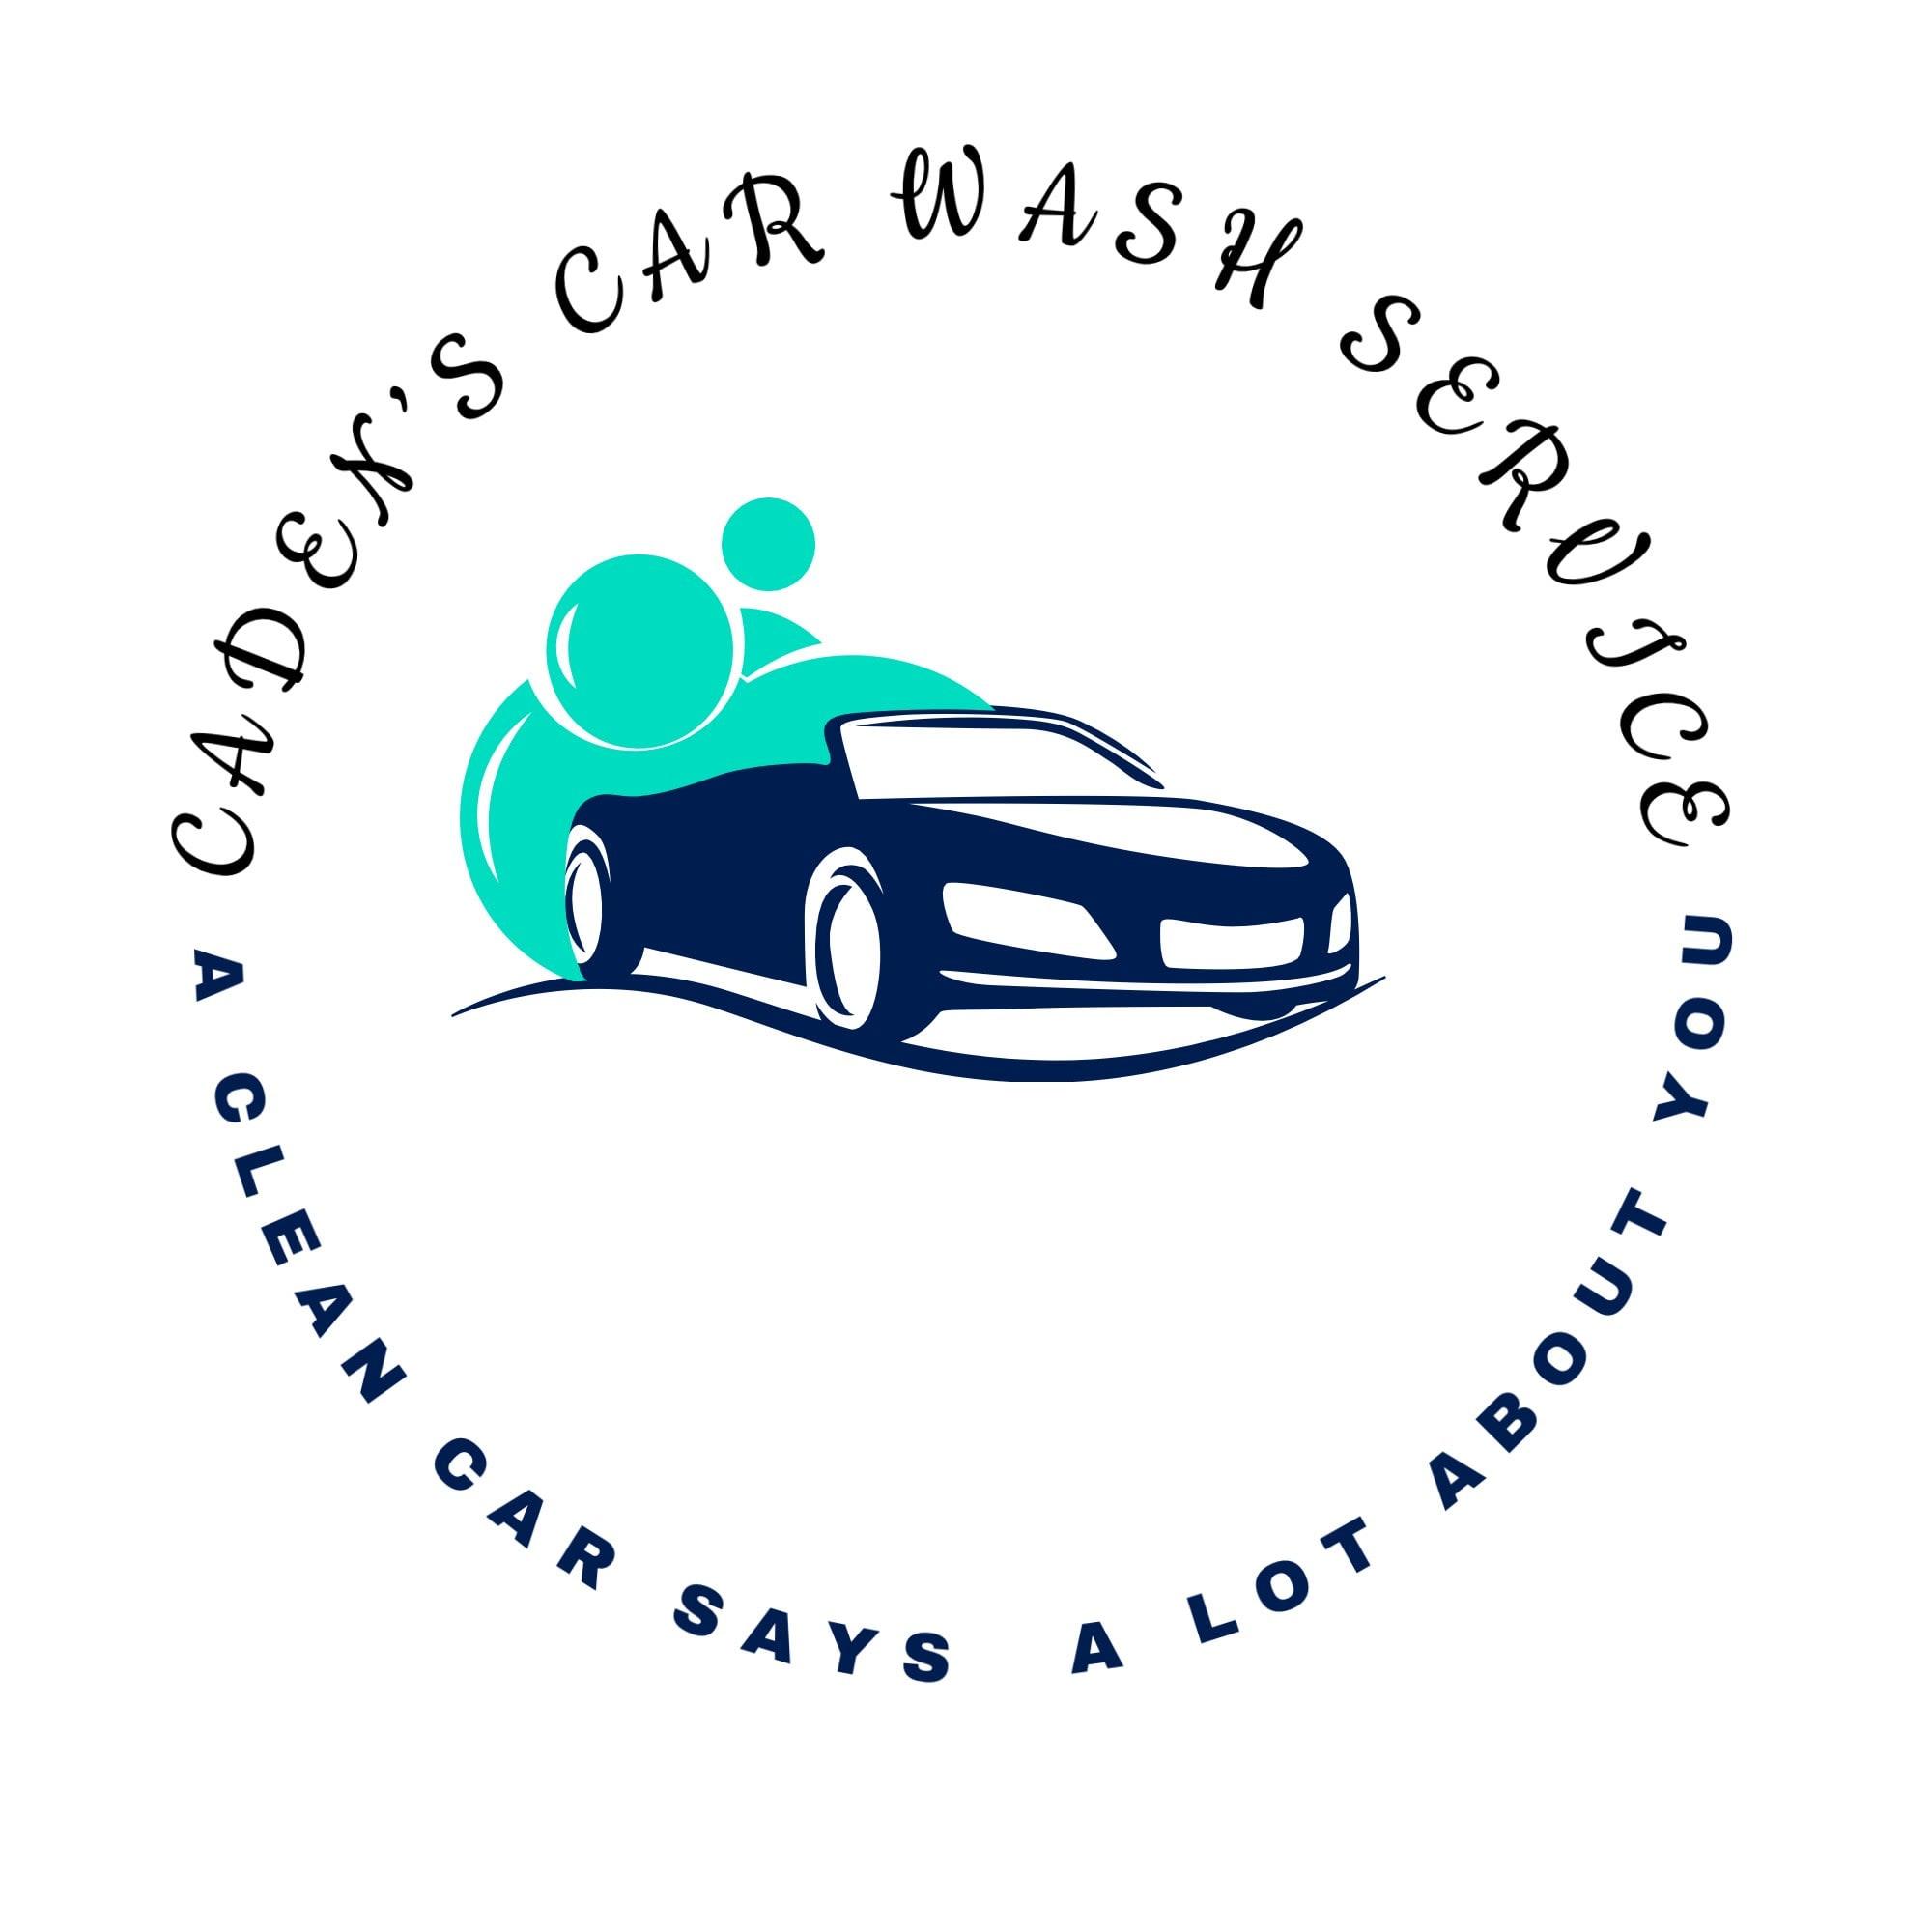 Caden's Car Wash Service